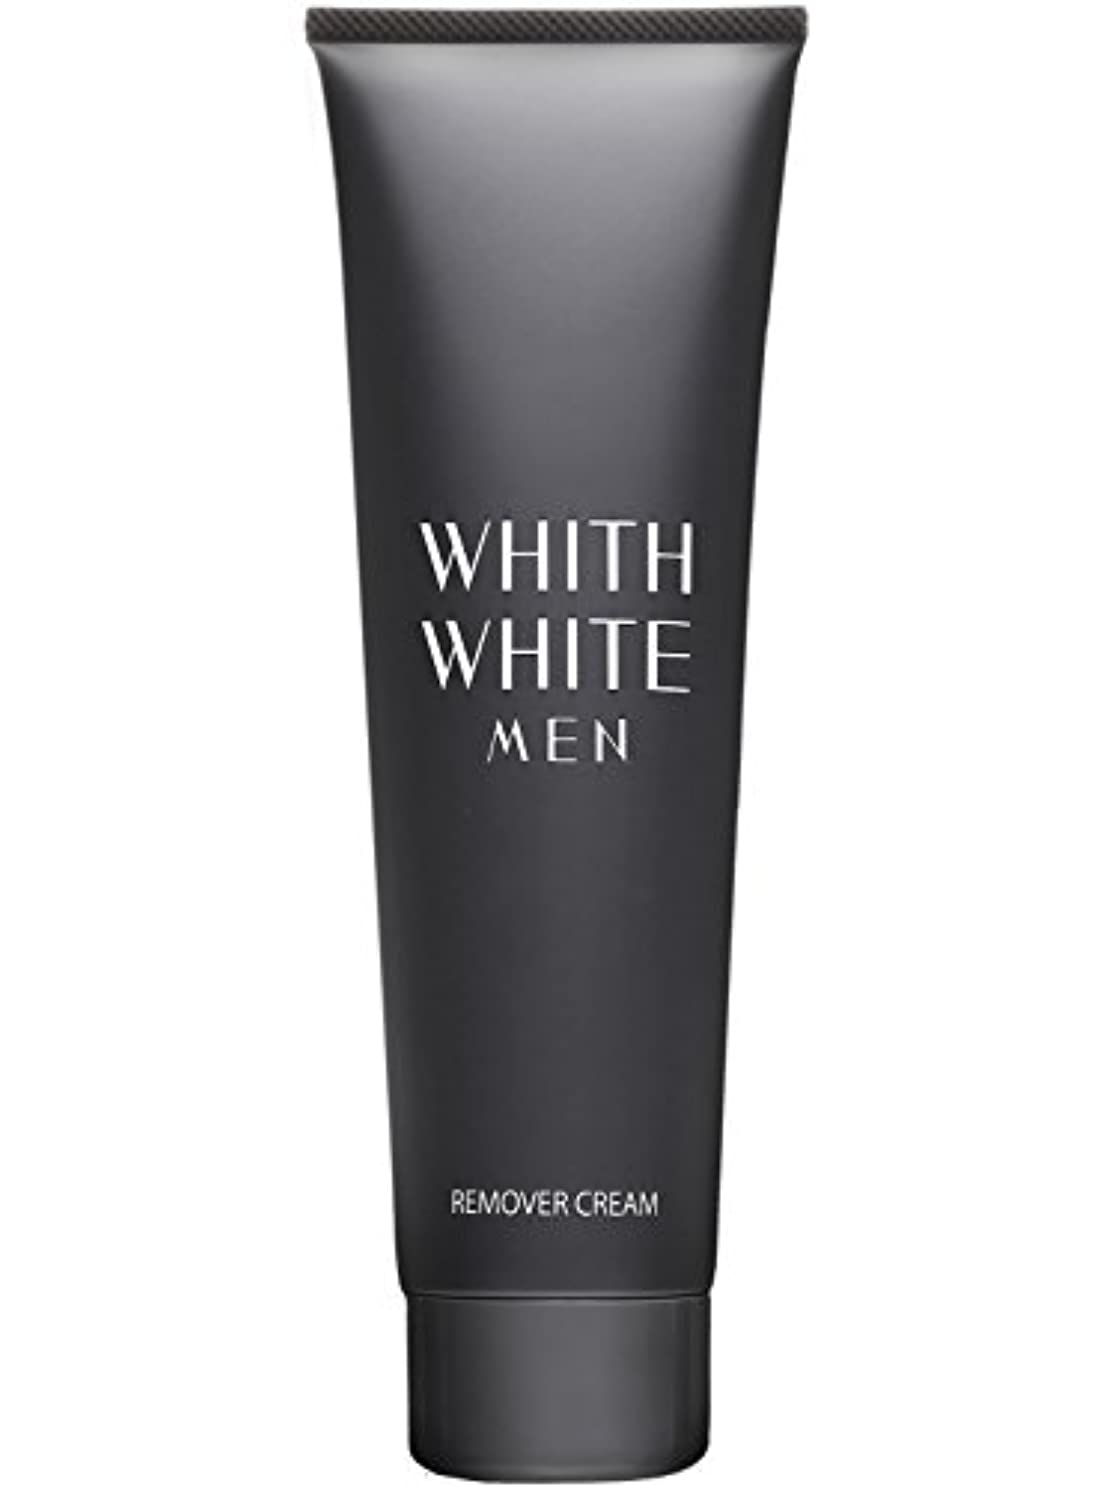 獣荒涼とした主婦医薬部外品 フィス ホワイト メンズ 除毛クリーム リムーバークリーム 陰部 使用可能 210g